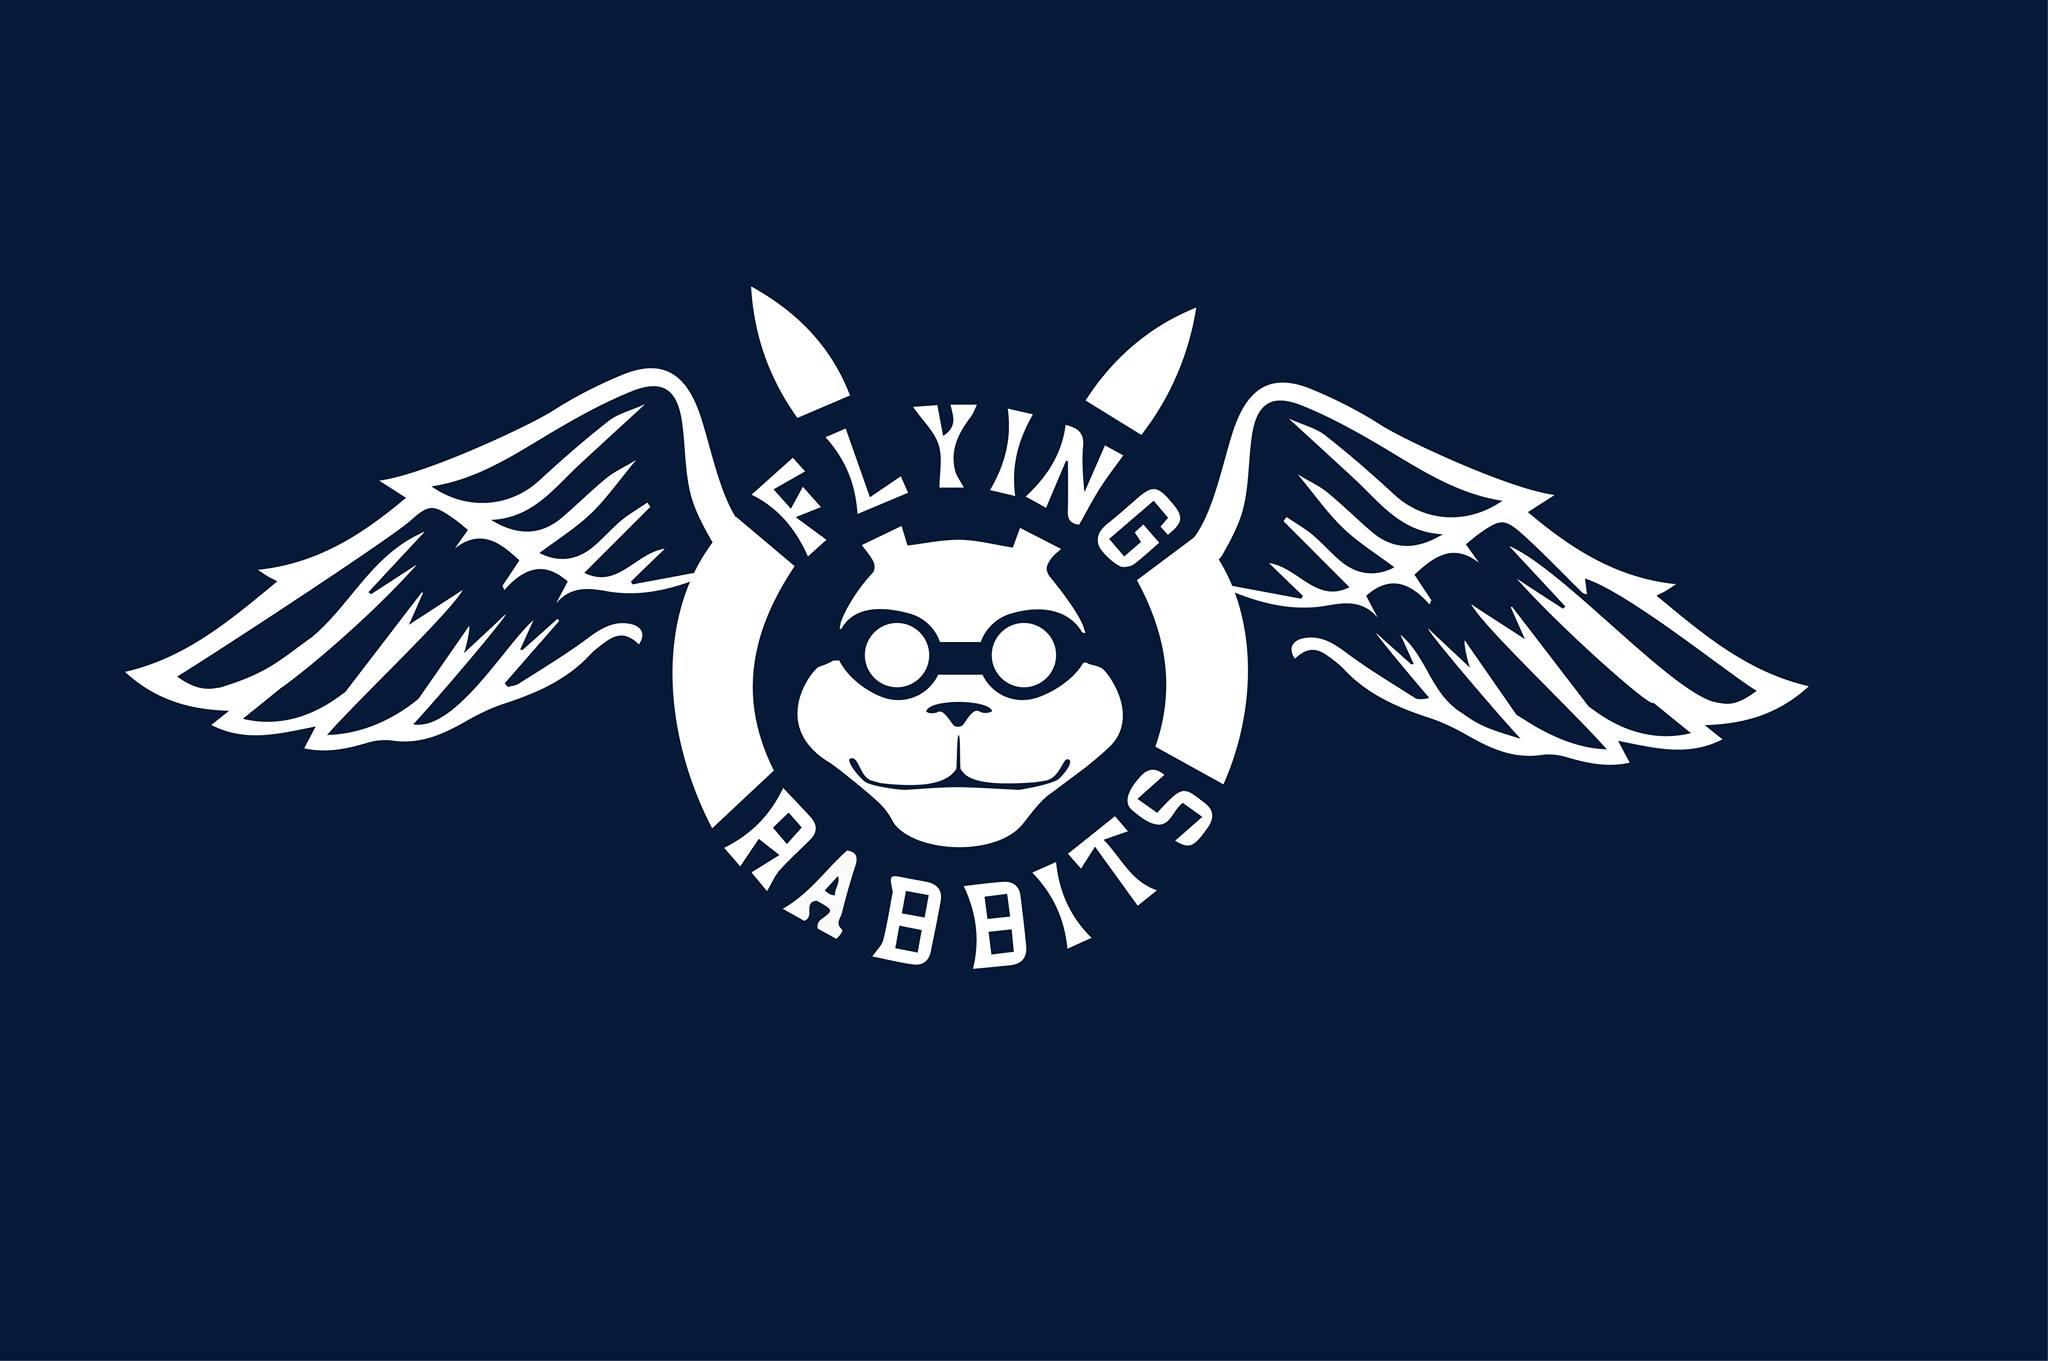 Flying Rabbits